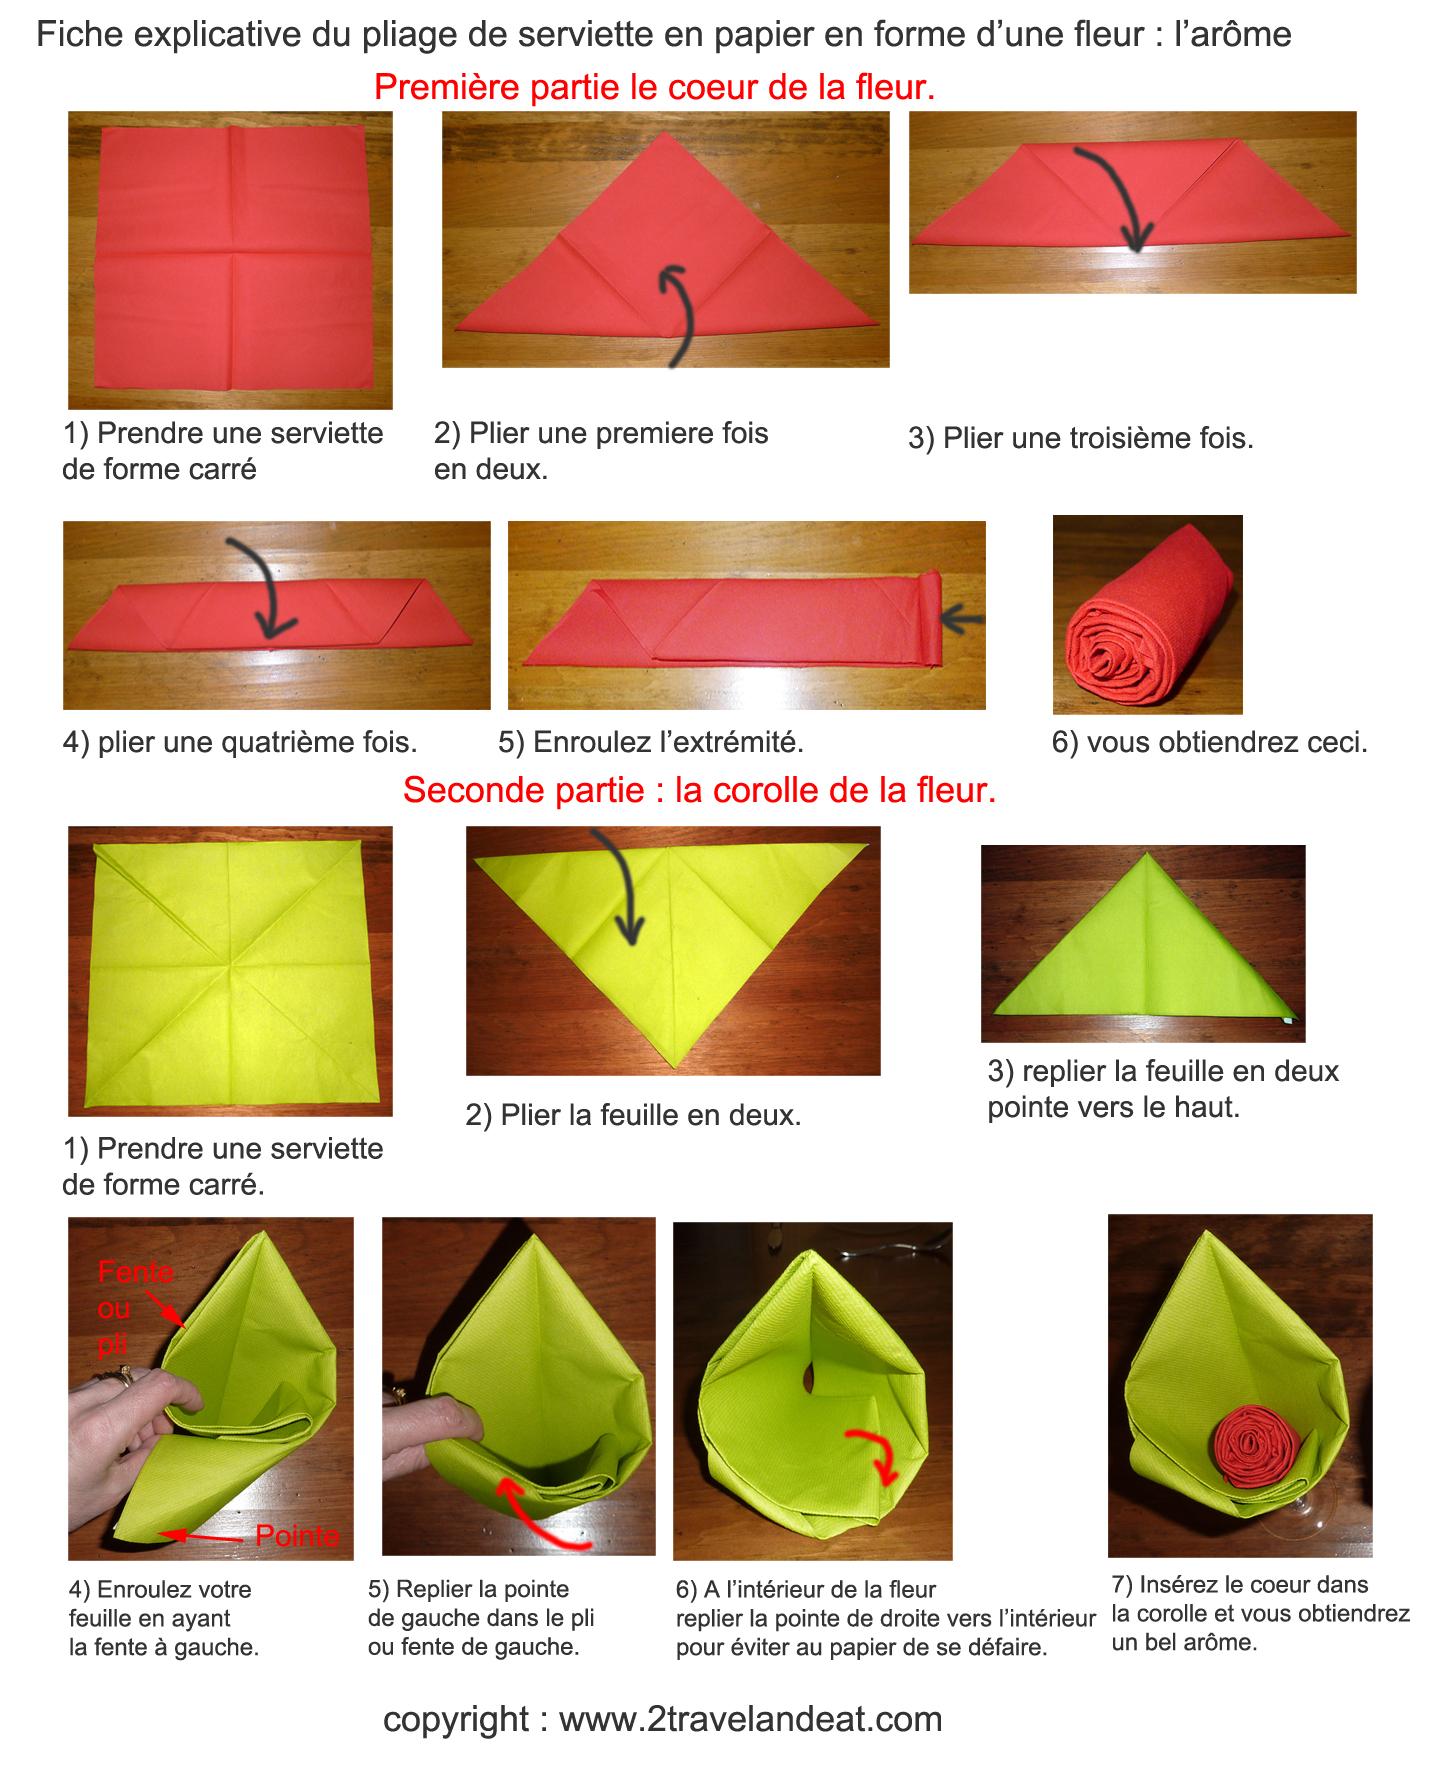 Explication pliage serviette 2 couleurs - Pliage de serviette en papier 2 couleurs ...